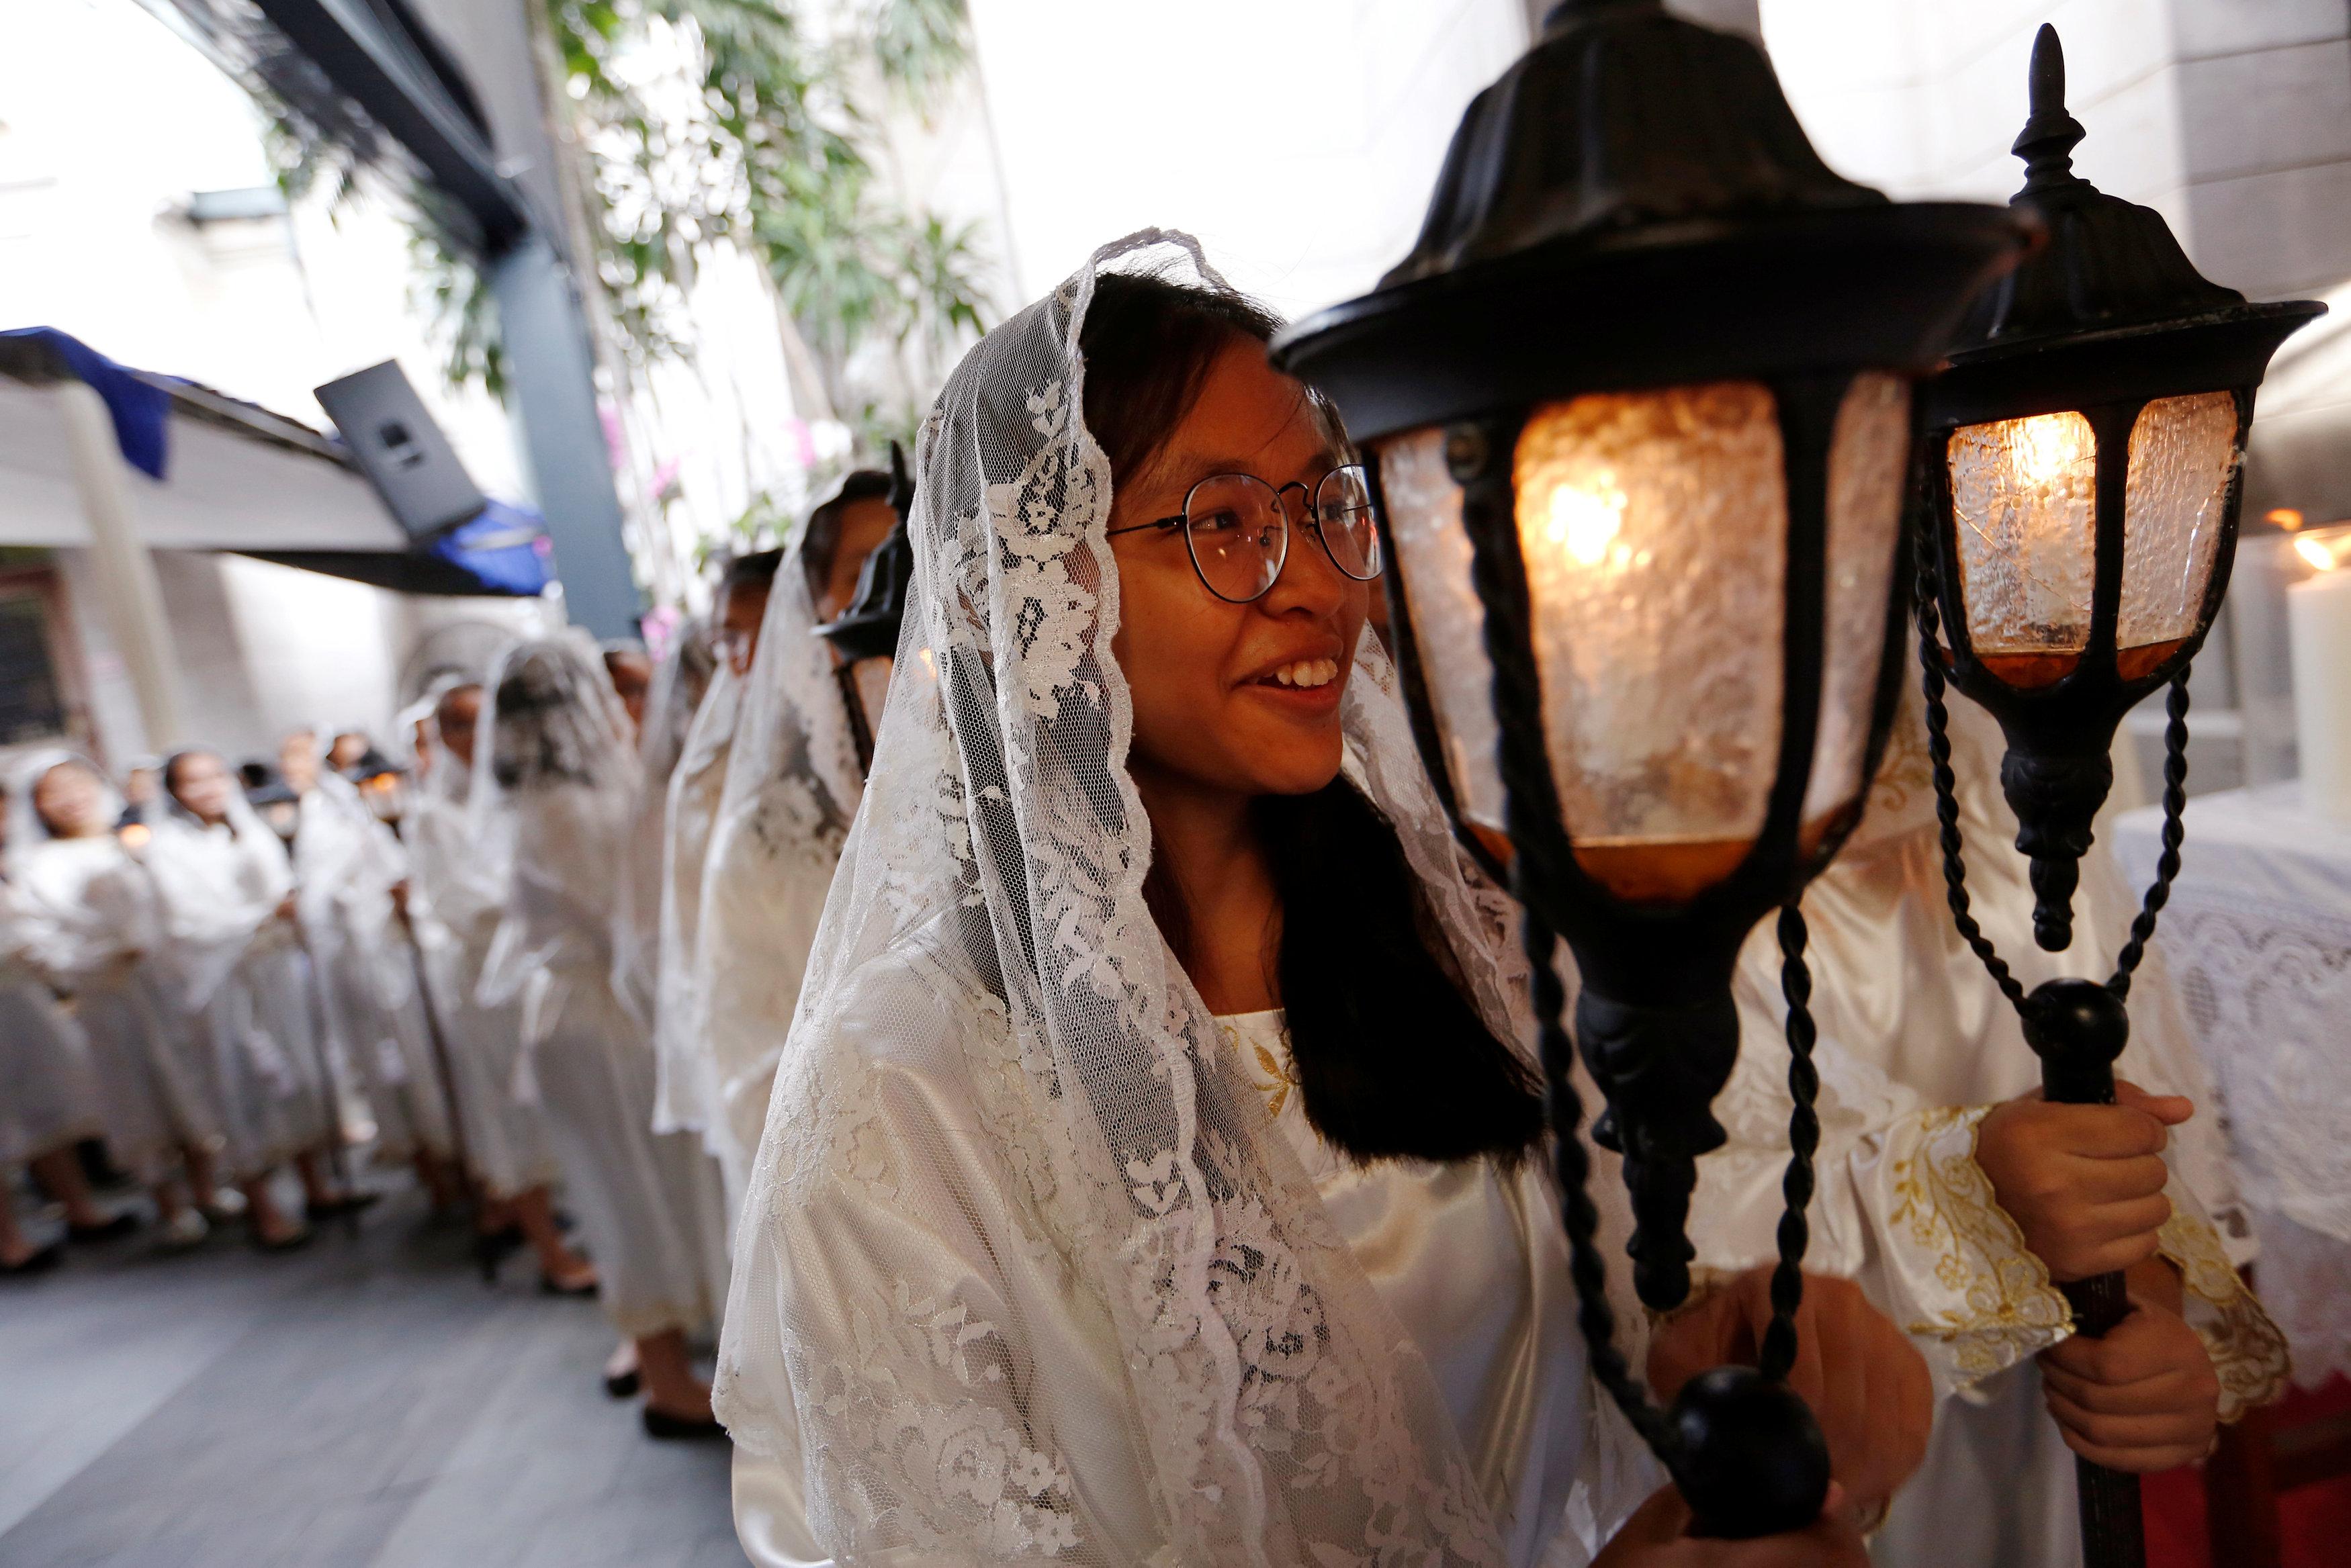 كنائس إندونيسيا تحتفل بأعياد الميلاد